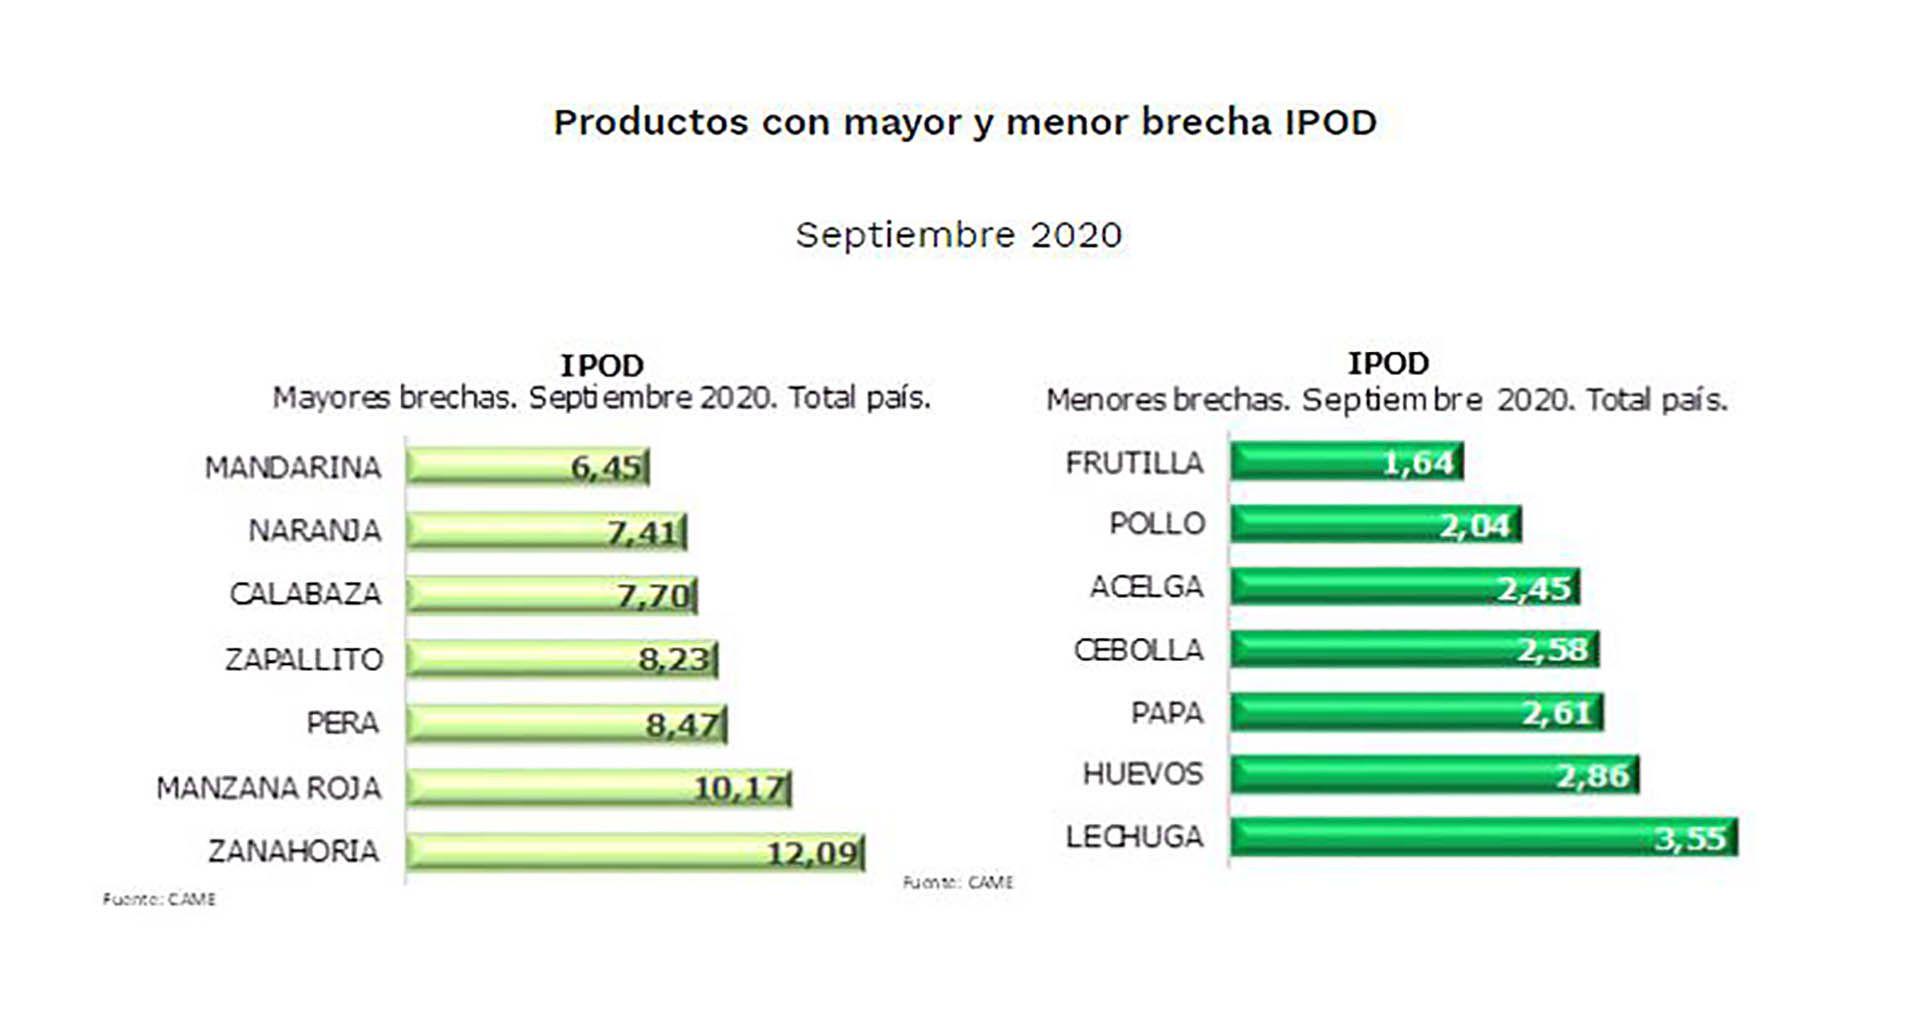 CAME IPOD Precios Frutas y Hortalizas Septiembre